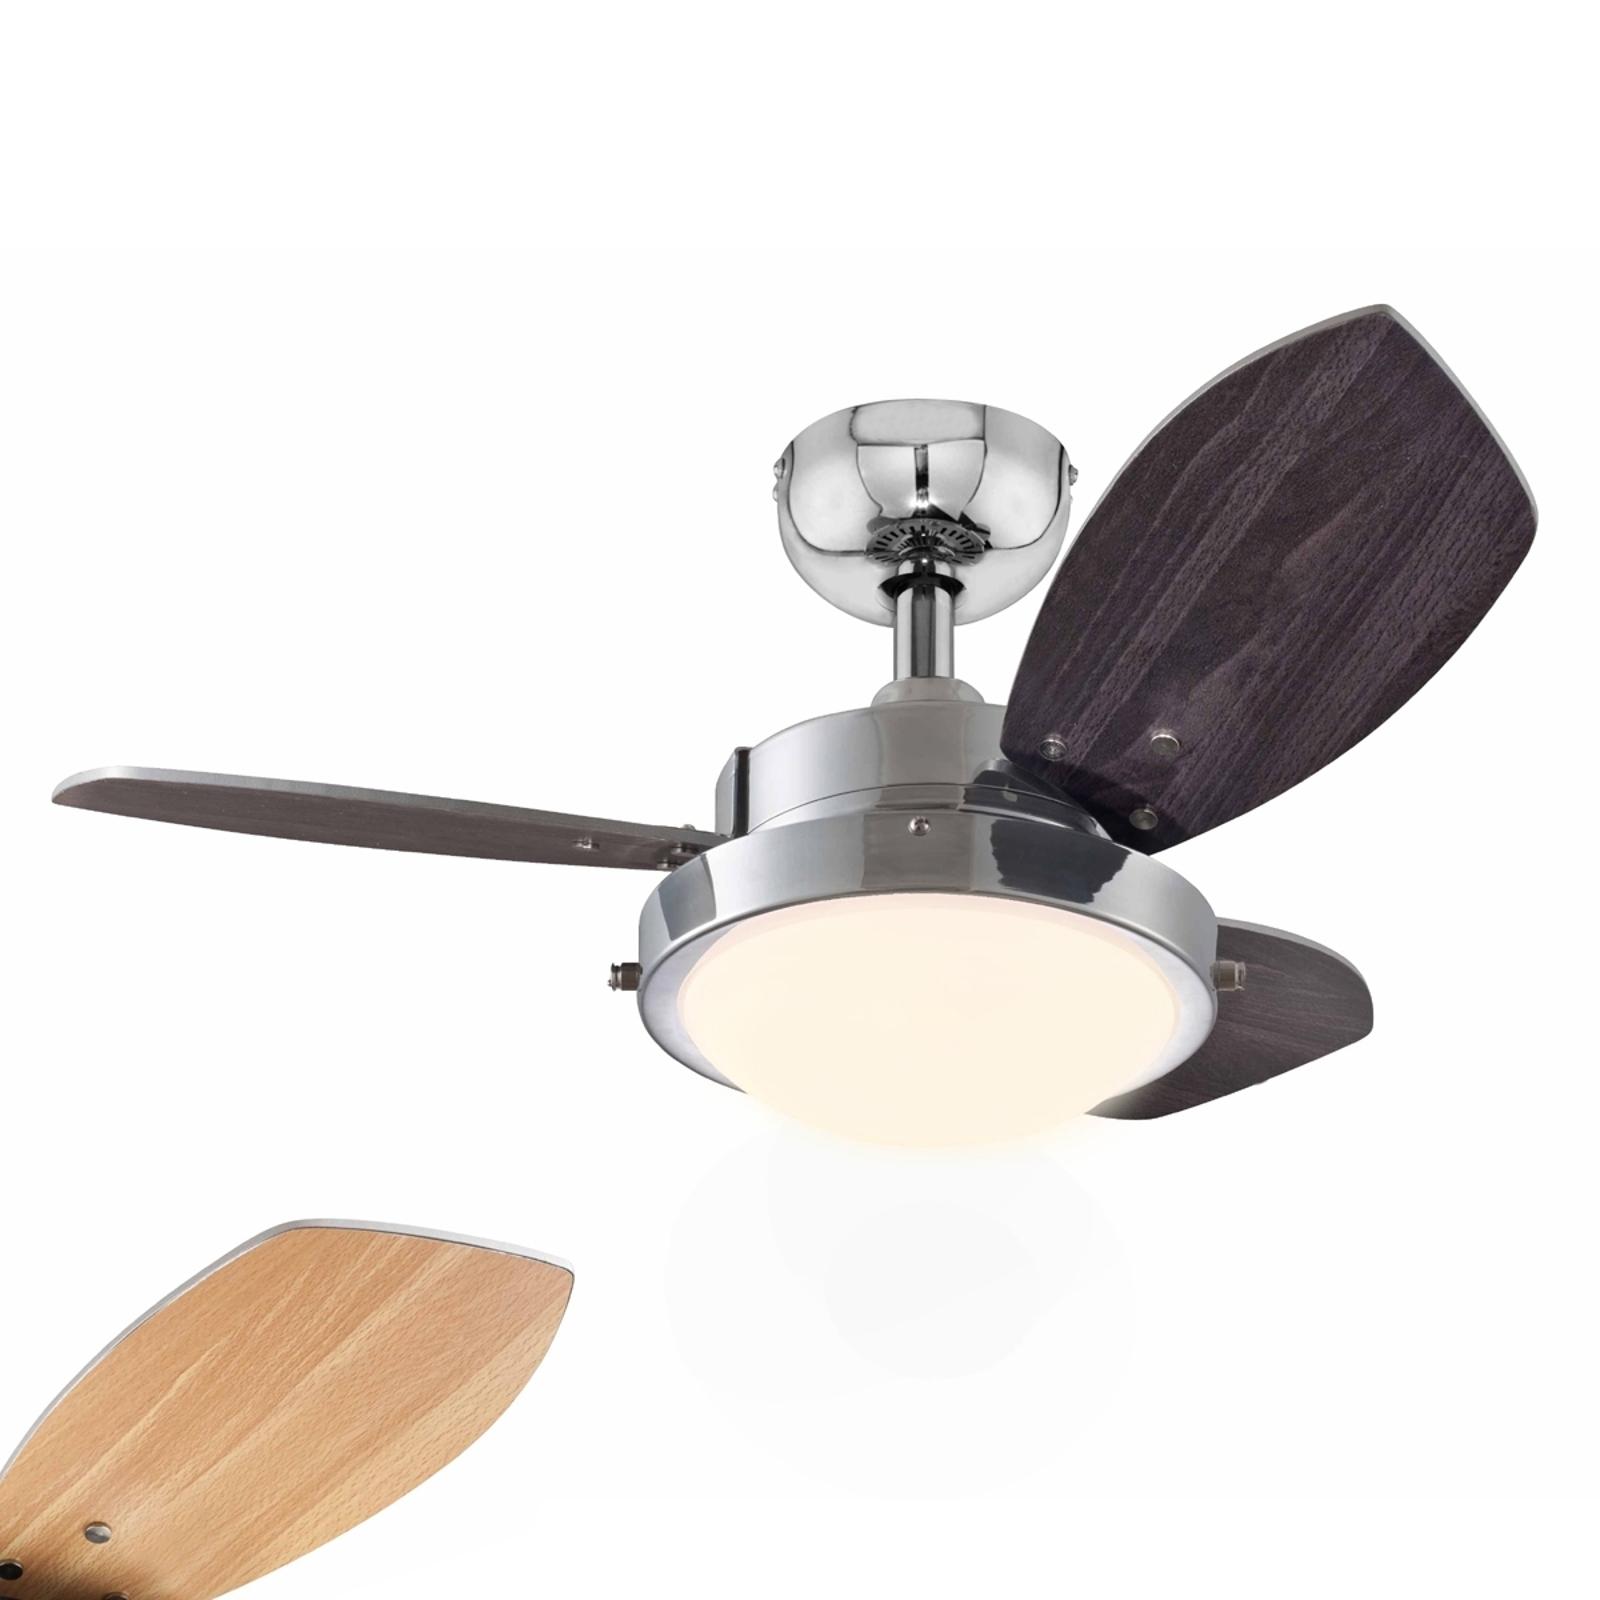 Wengue-kattotuuletin halogeenilampulla